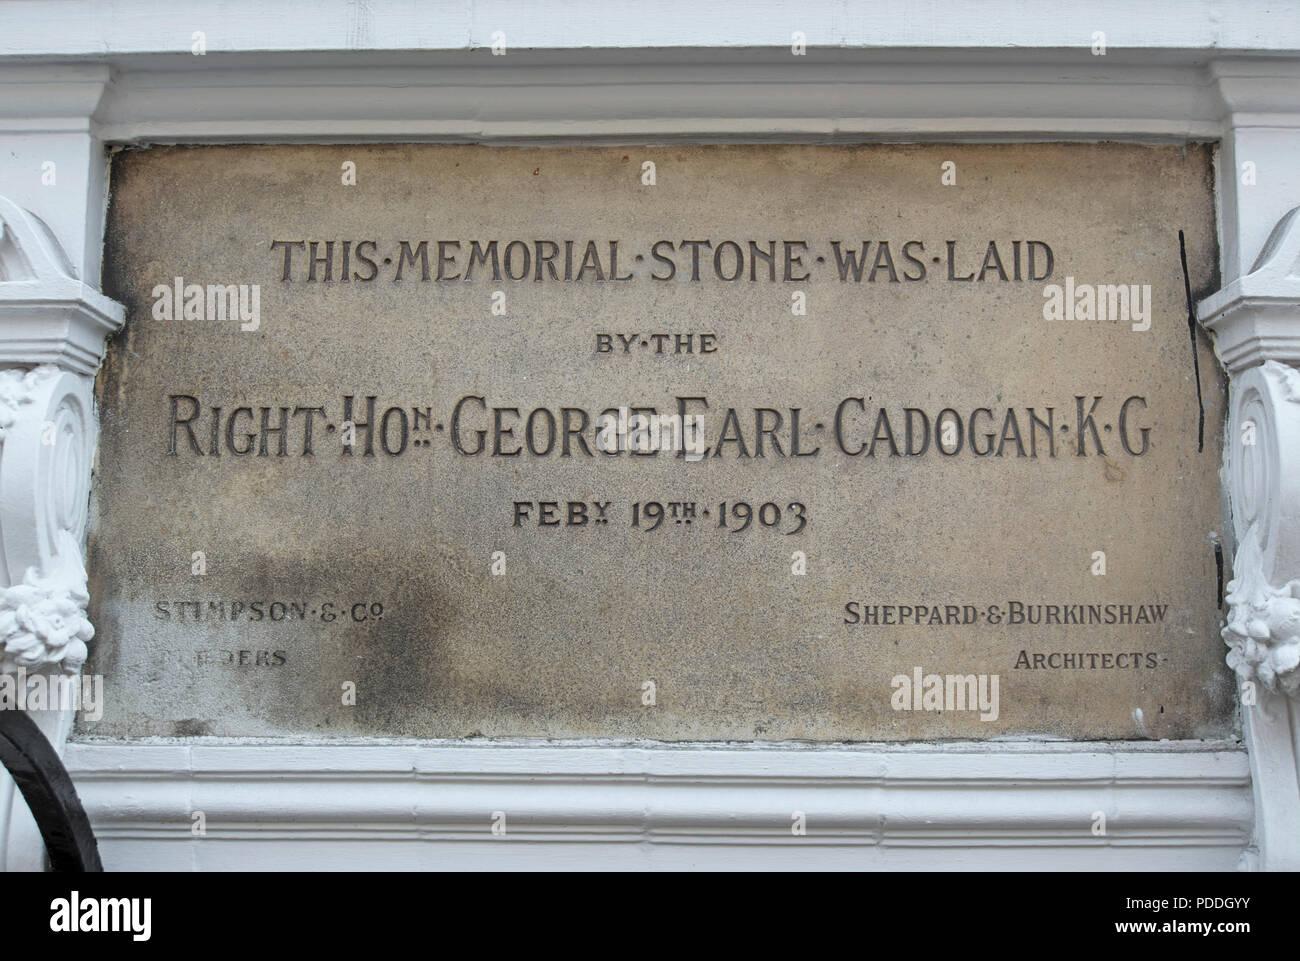 El 1903 Monumento de piedra colocadas por george earl cadogan marcó la apertura de un edificio a 1 Chelsea manor street, Chelsea, Londres, Inglaterra Imagen De Stock